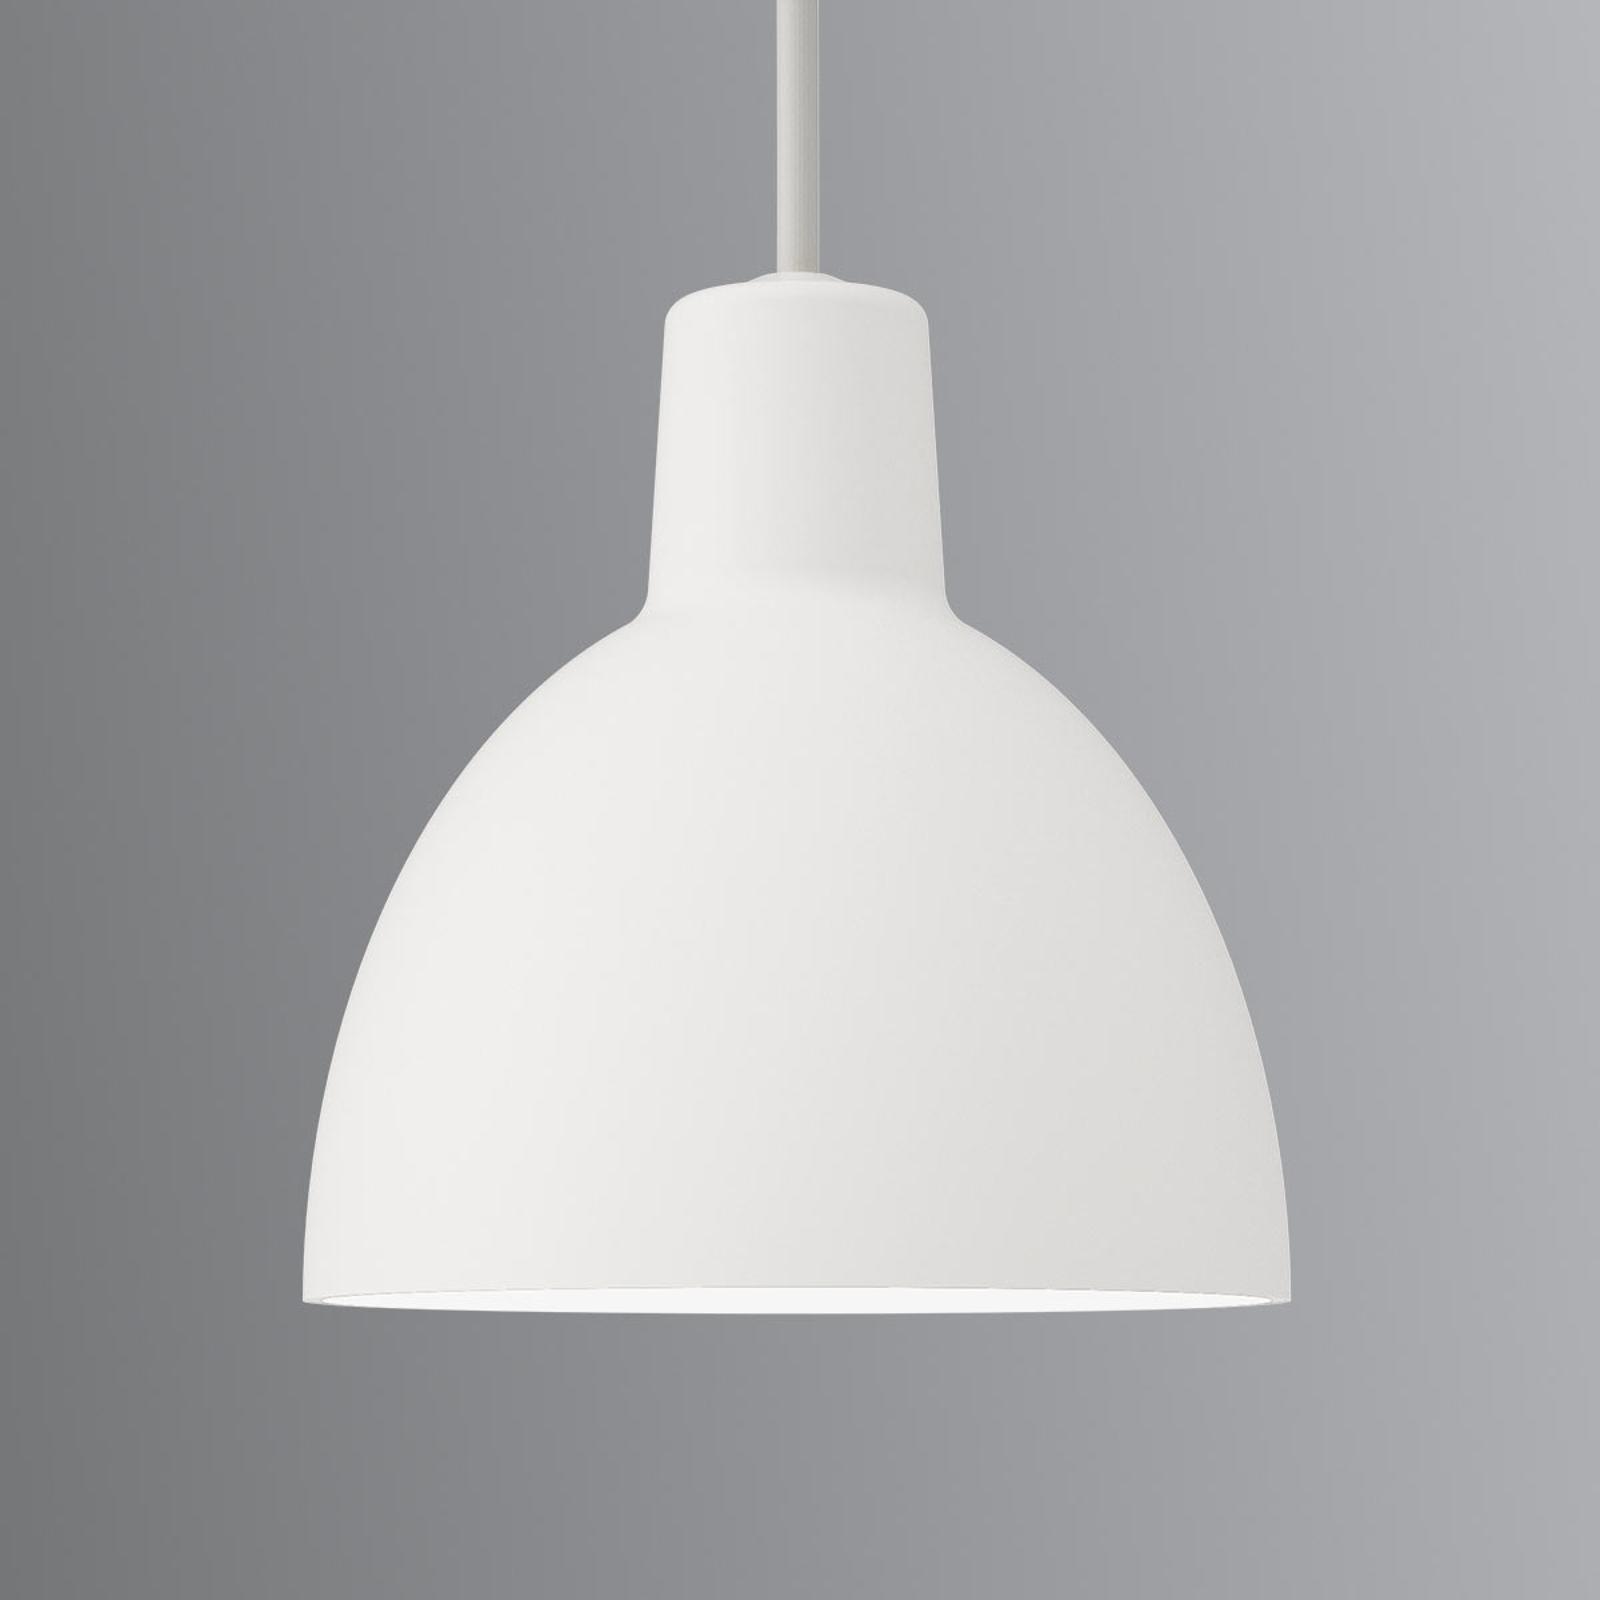 Minimalistische hanglamp Toldbod 120, wit